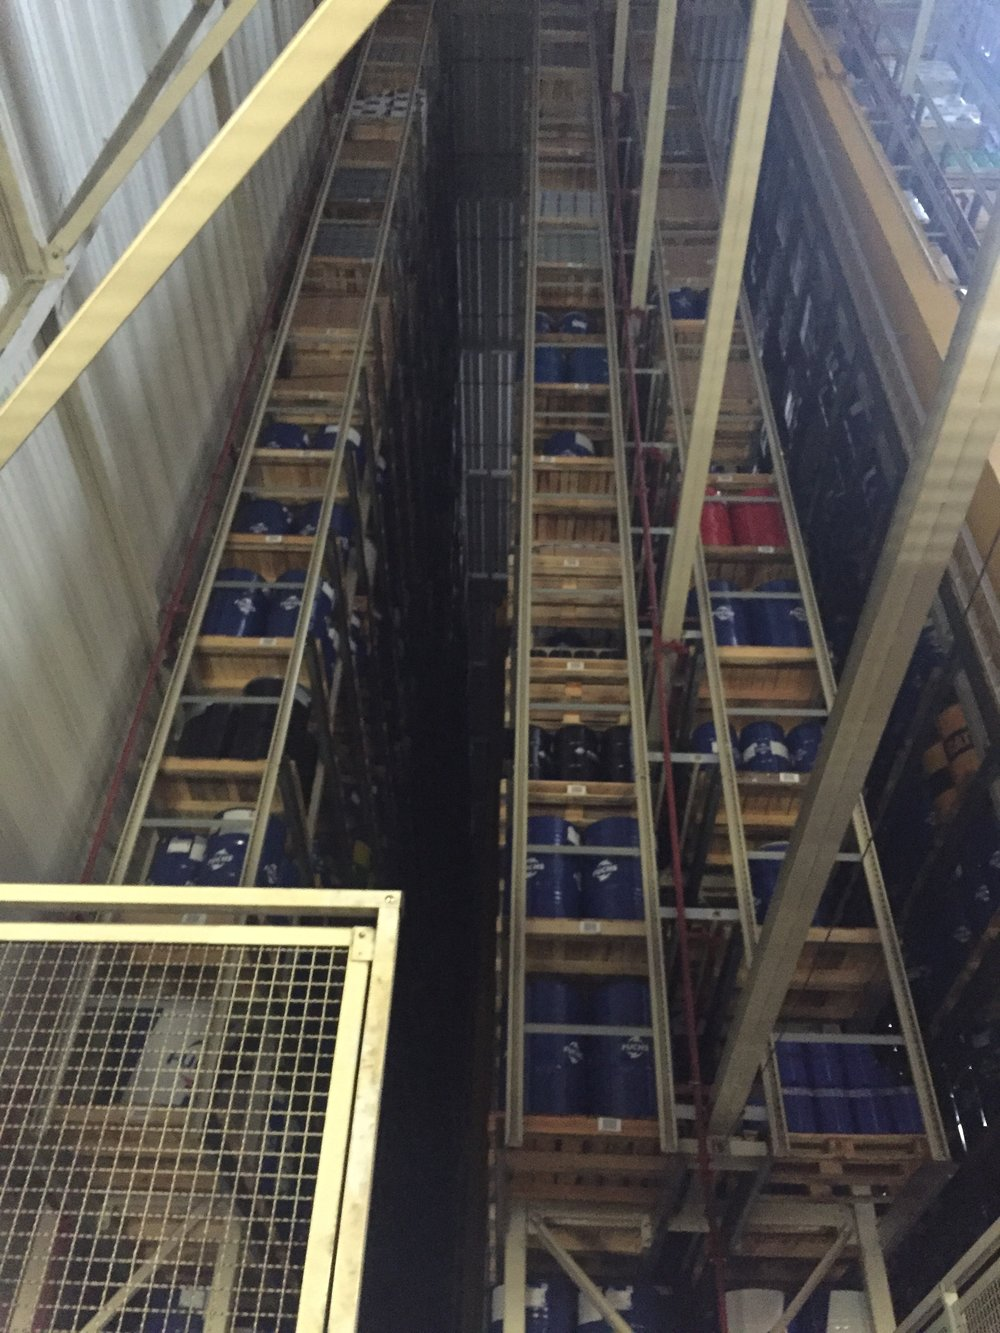 Lagret vi besökte var helt automatiserat. 40 meter högt och rymmer upp till 30 000 pallplatser.